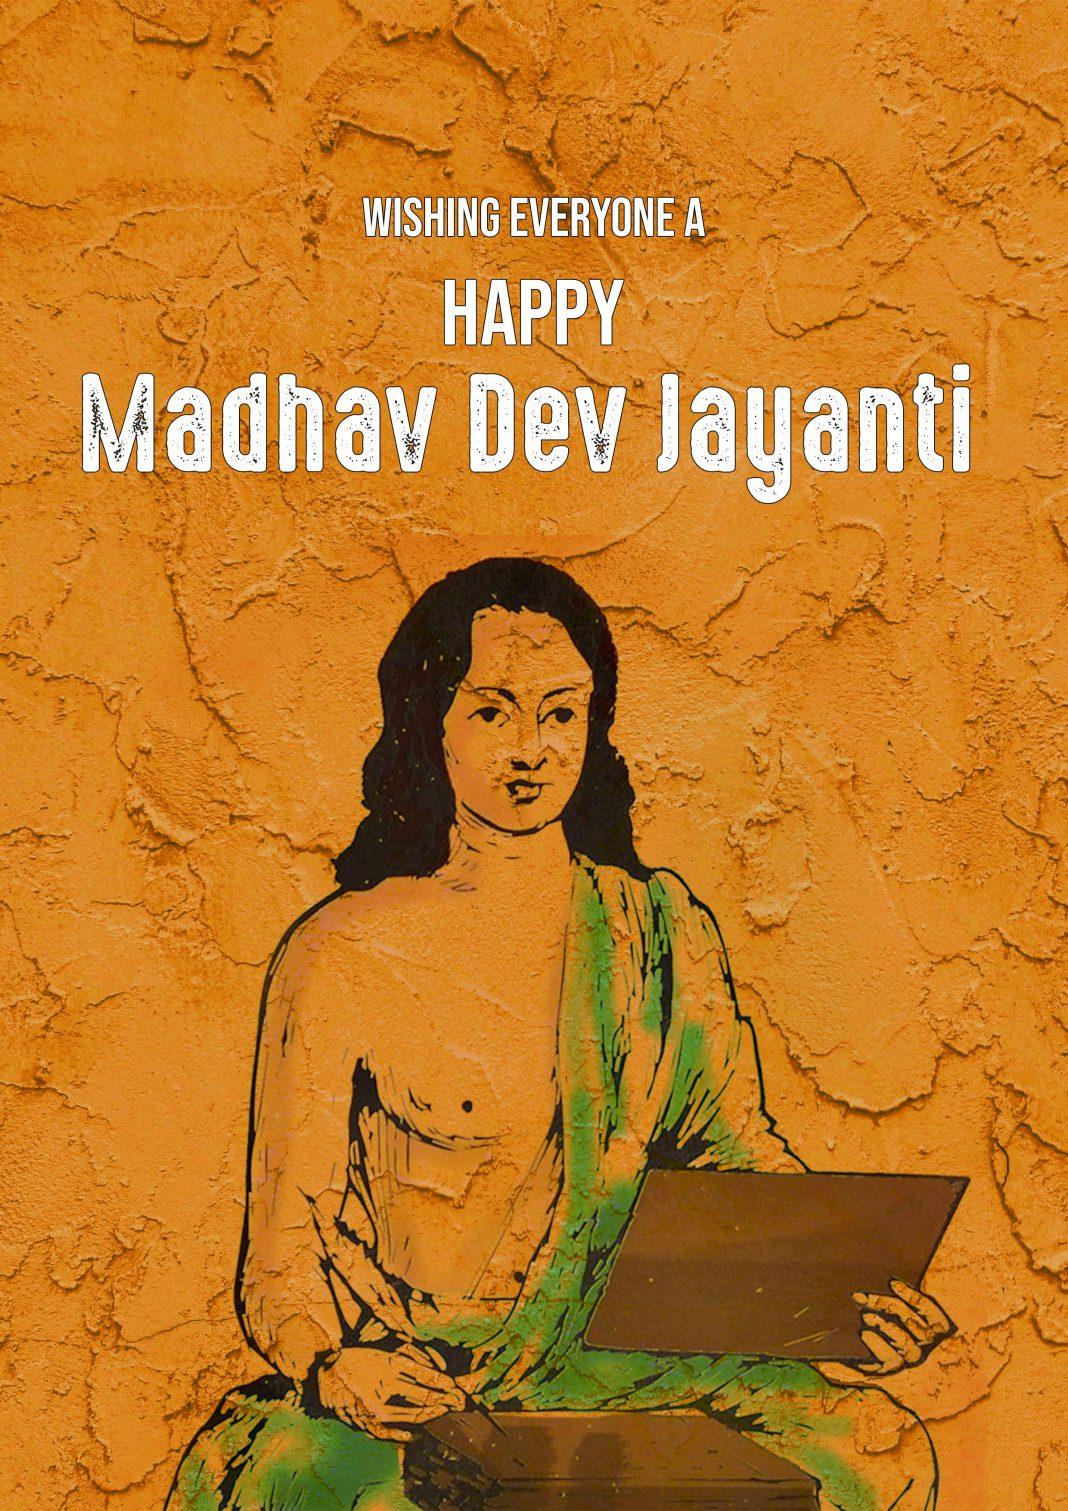 Madhav Dev Jayanti